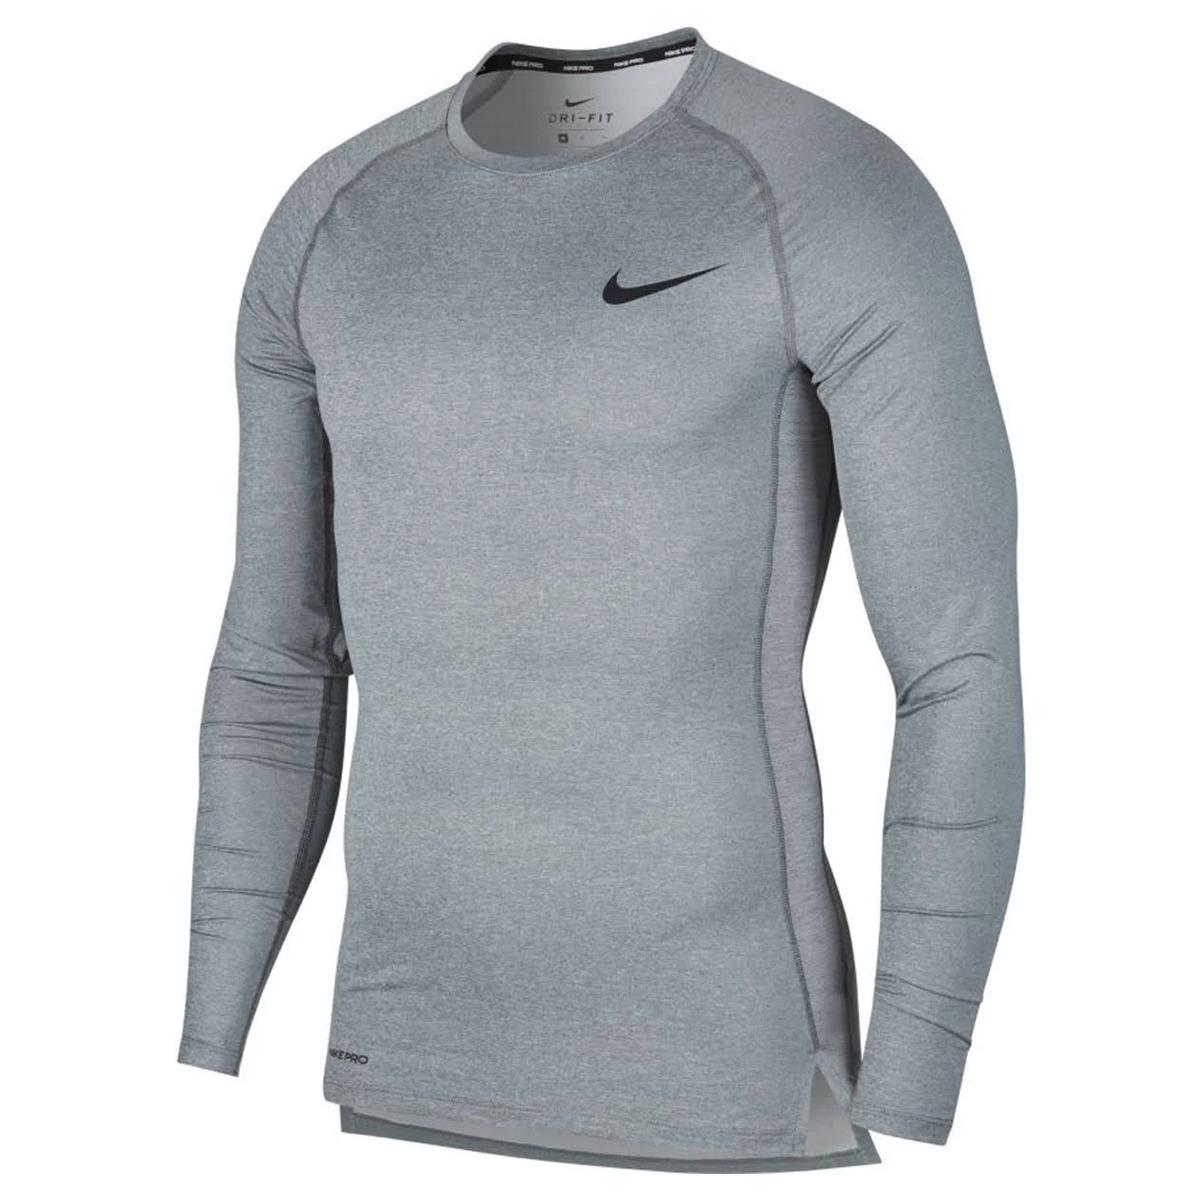 Nike Pro Top Shirt Hardloopshirt Lange Mouwen Heren Grijs